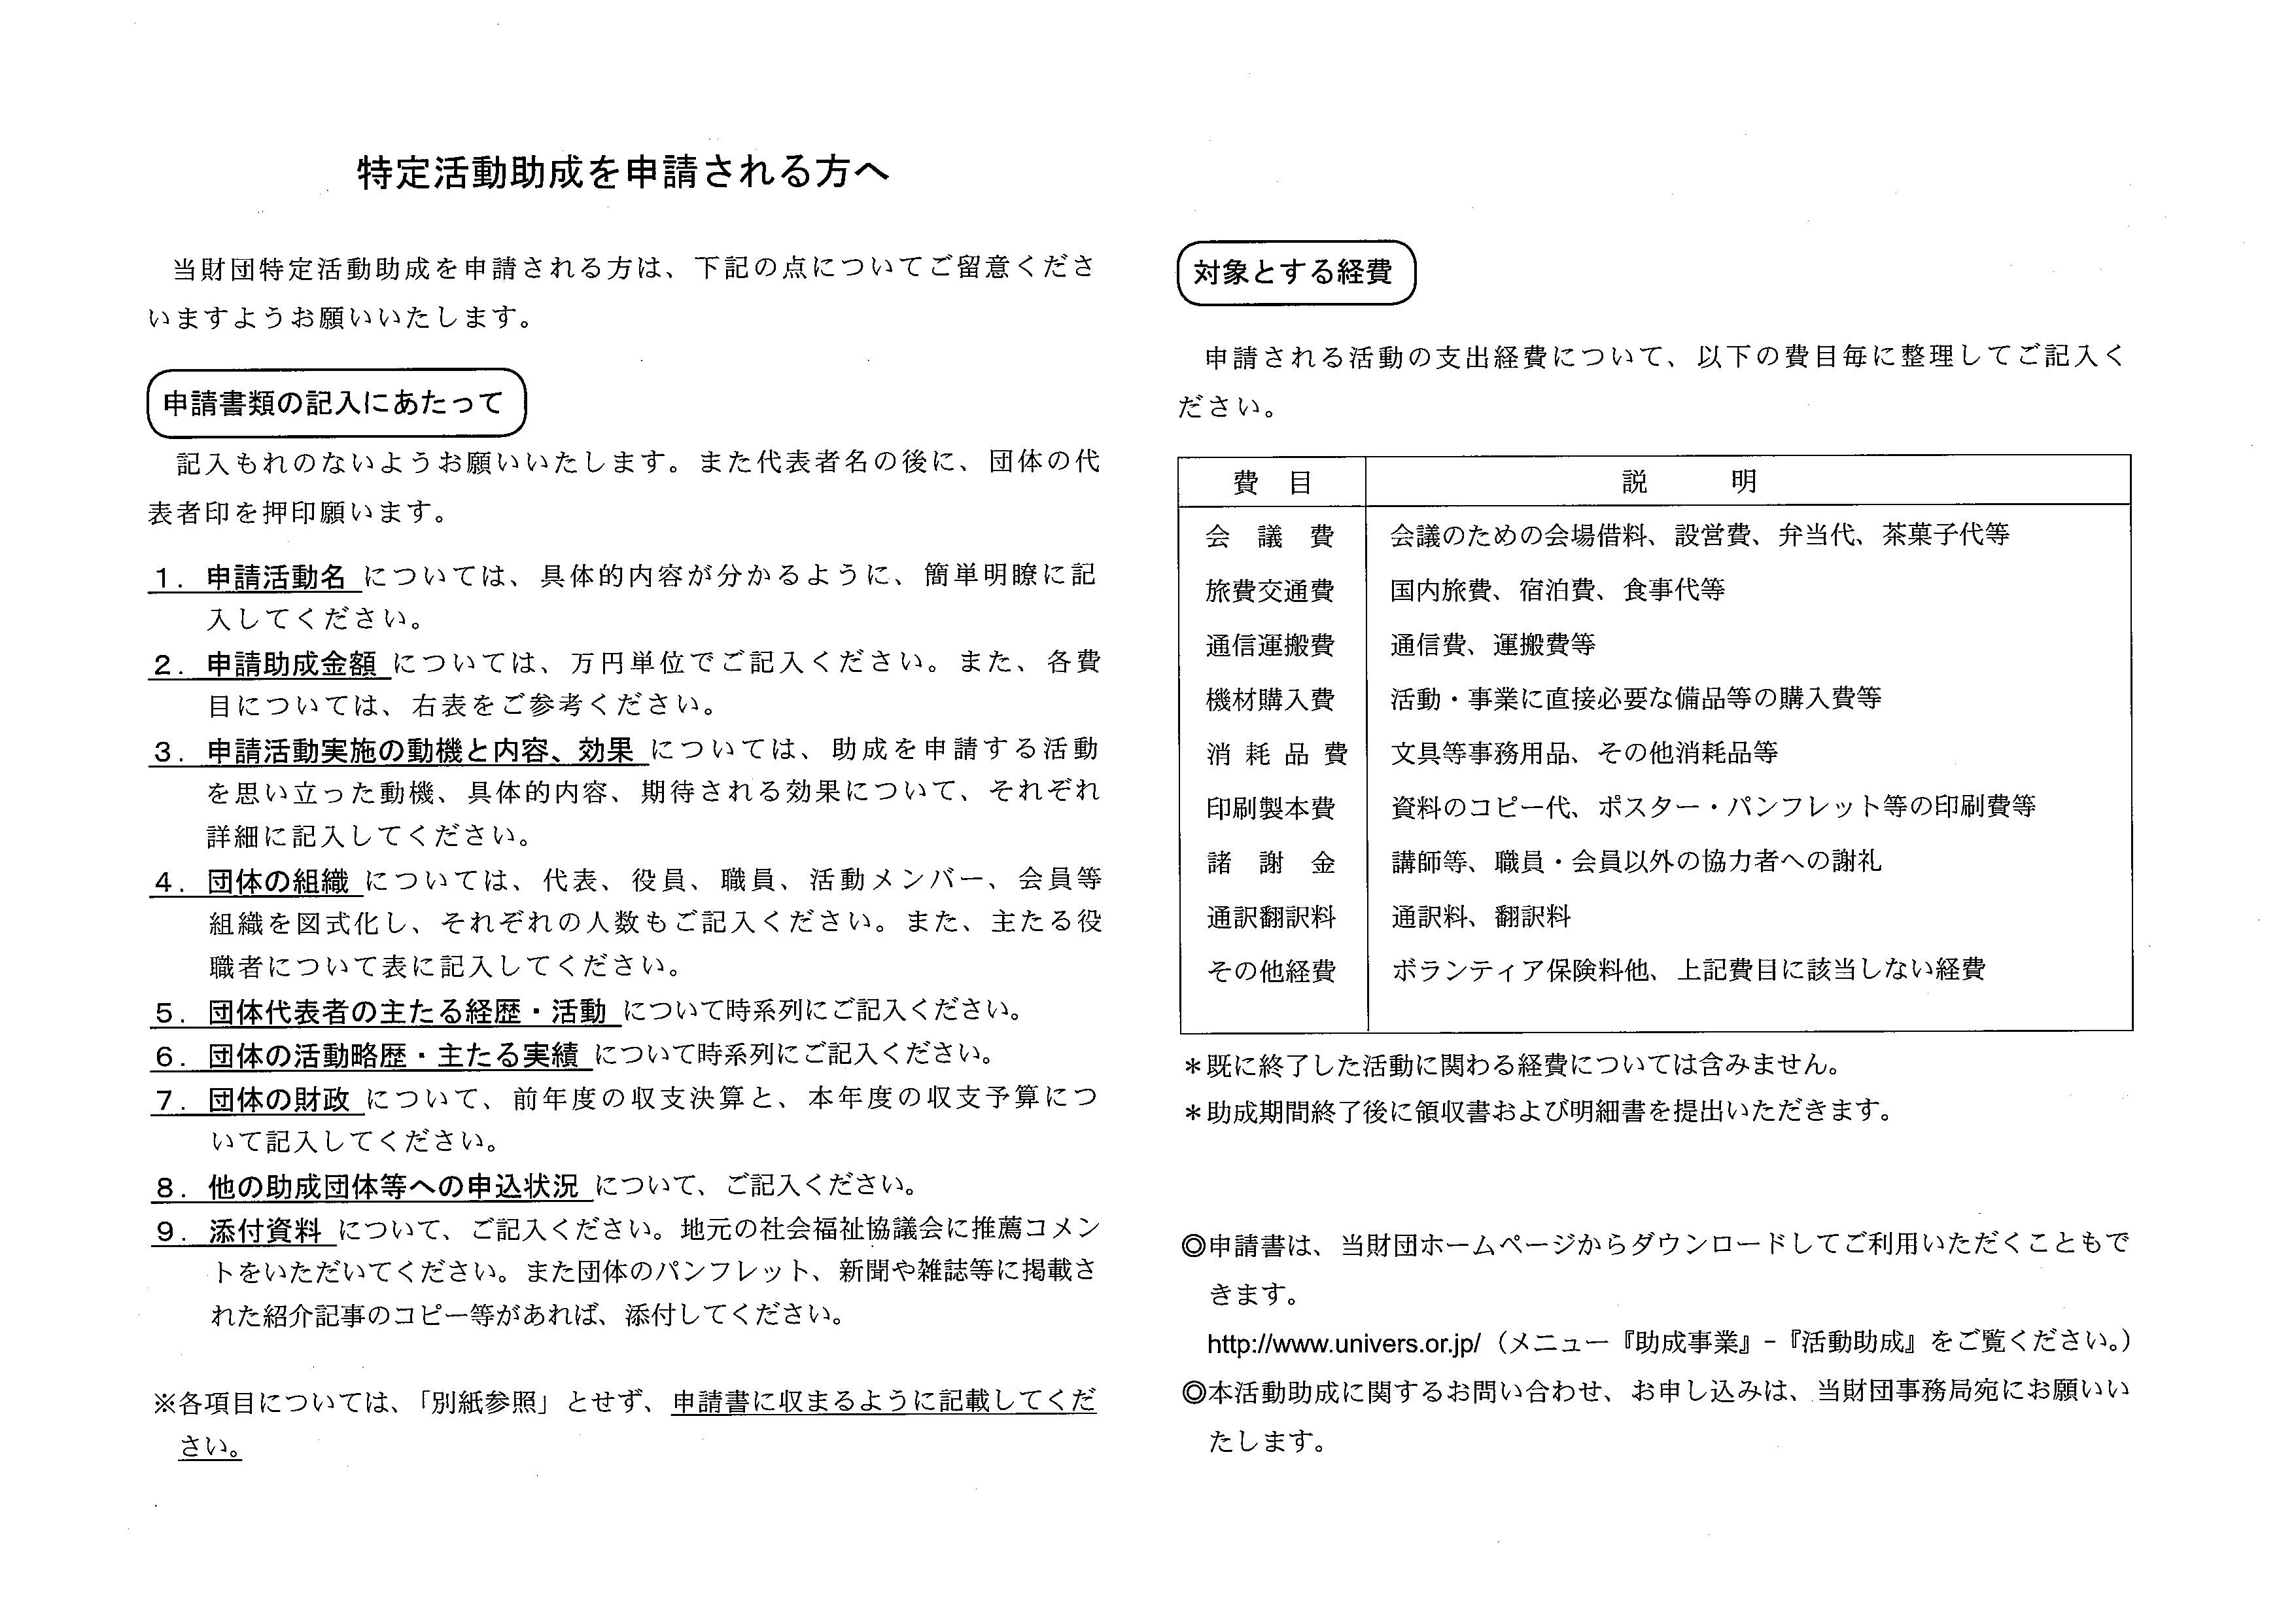 公益財団法人ユニベール財団による傾聴ボランティア団体助成のお知らせ_ページ_2